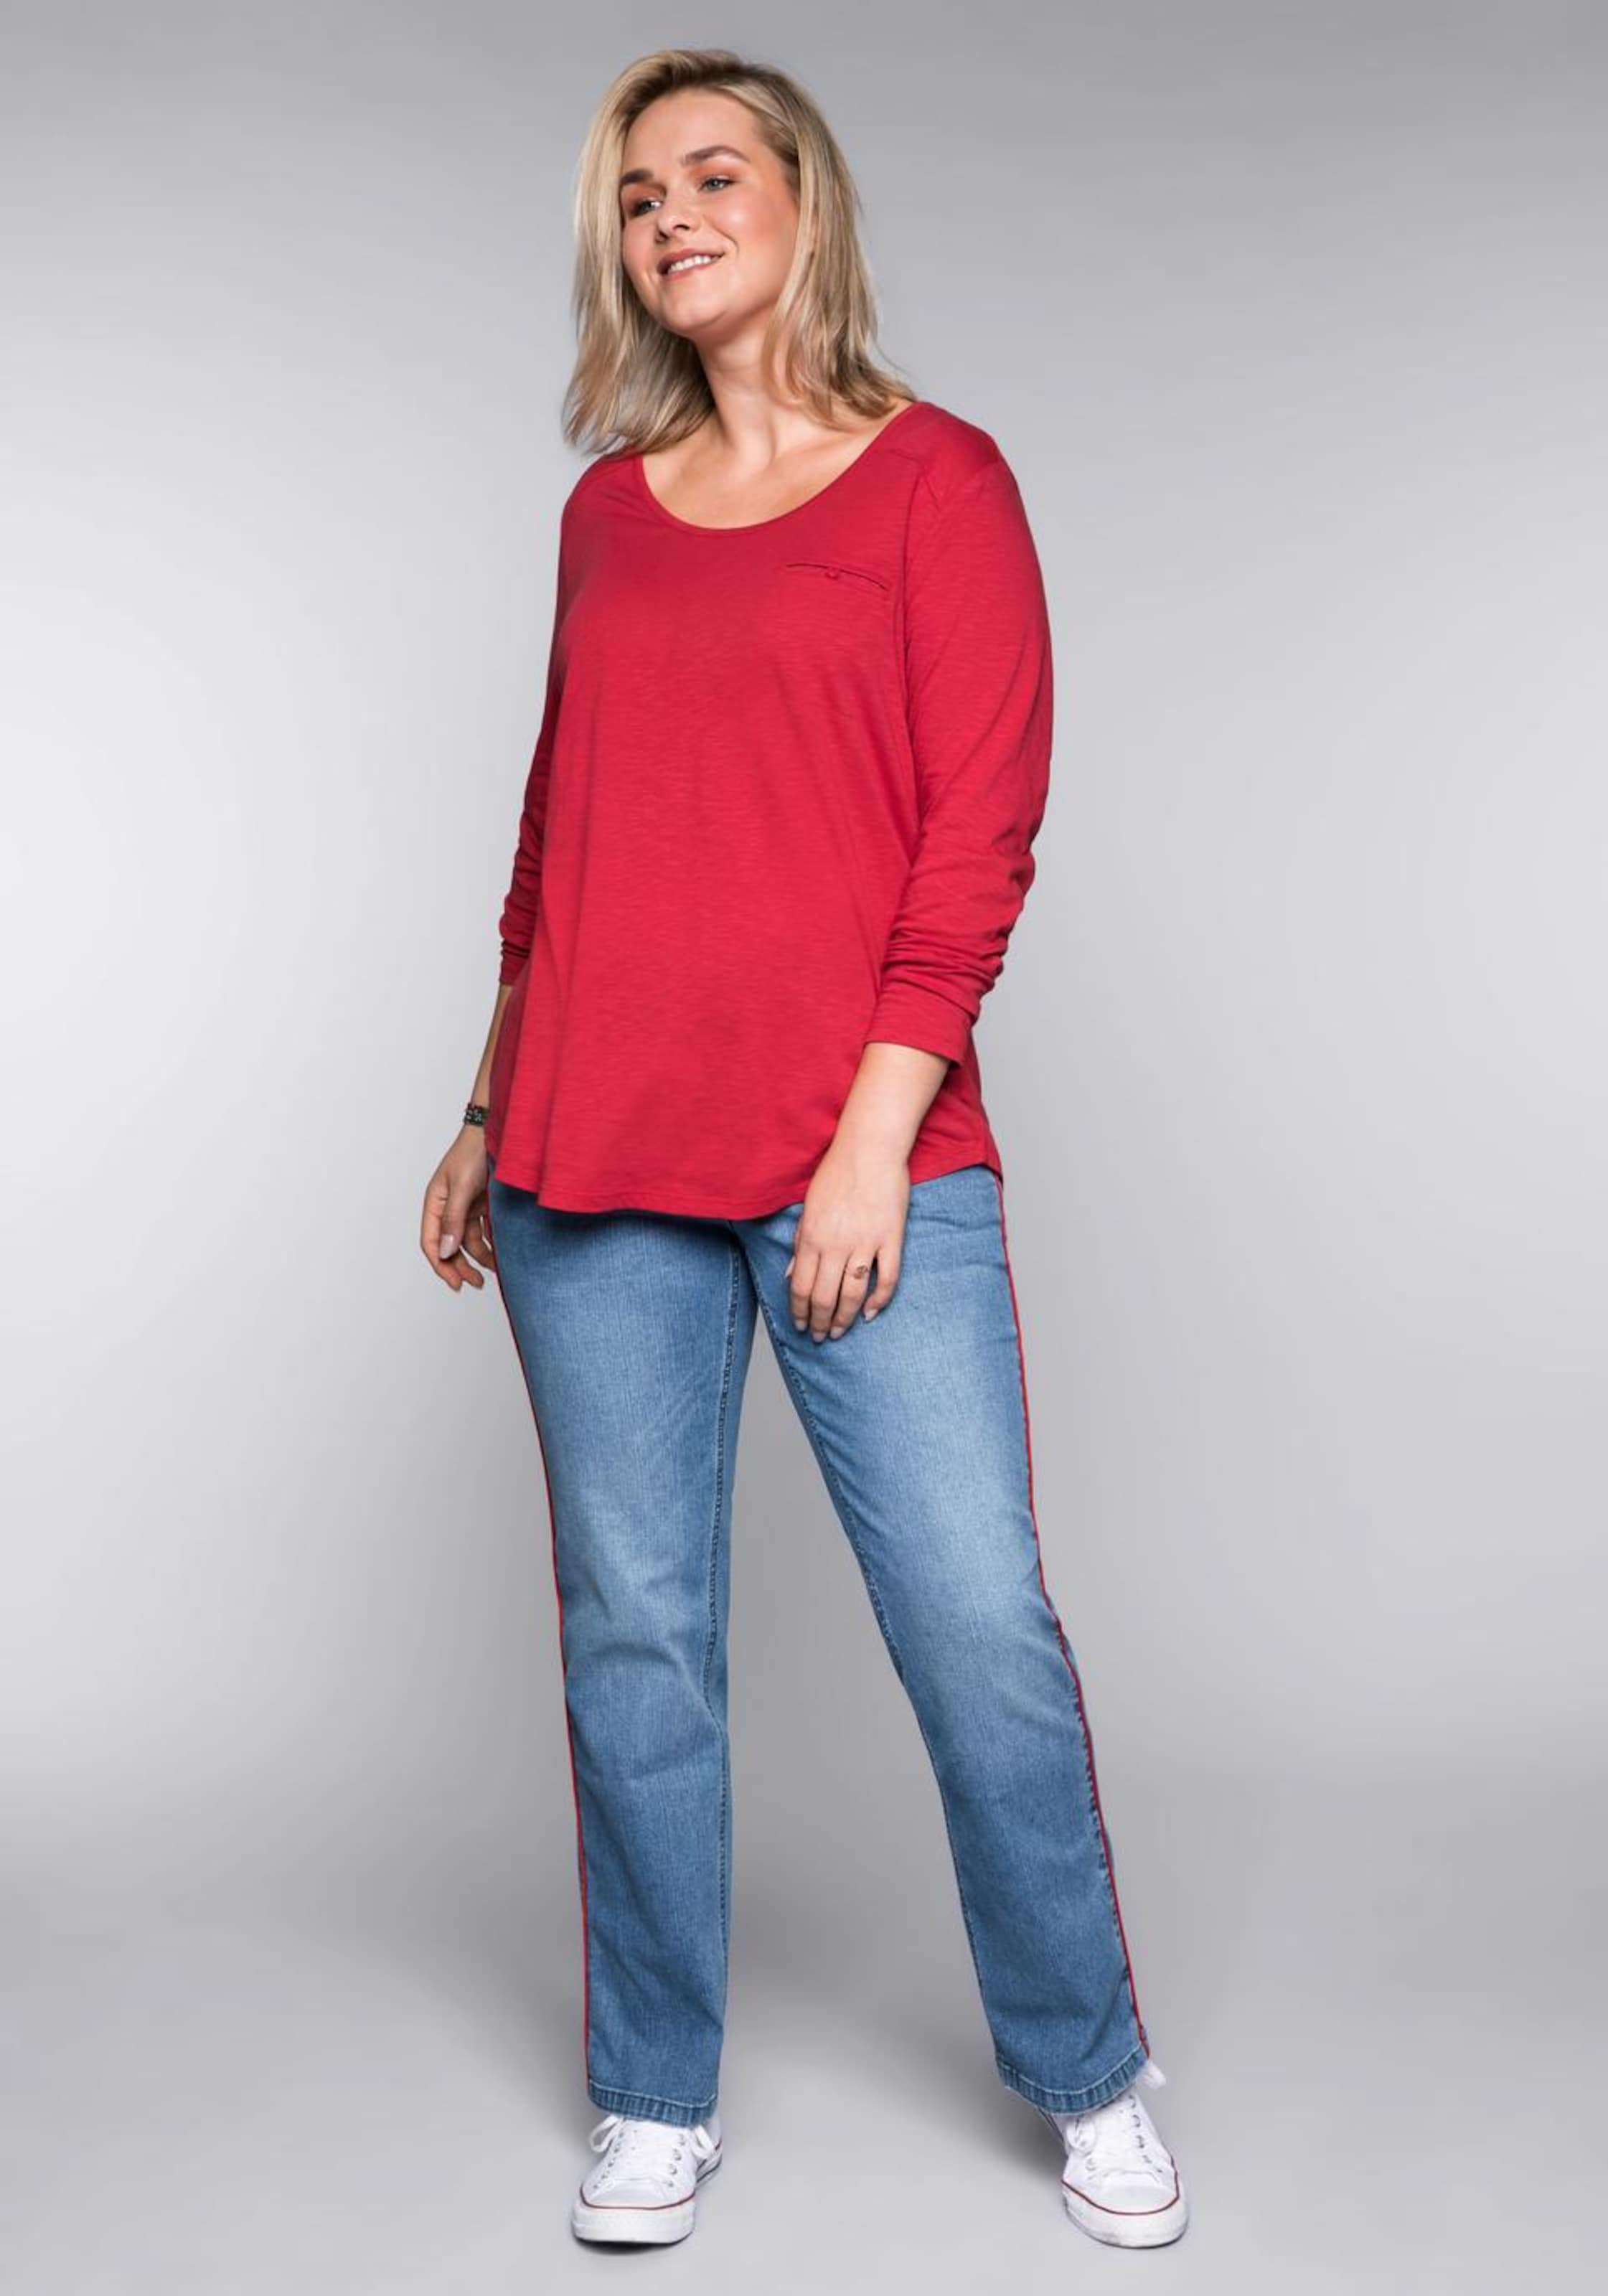 Sheego Cranberry Sheego Shirt Sheego Cranberry Shirt In Shirt In E9IDH2